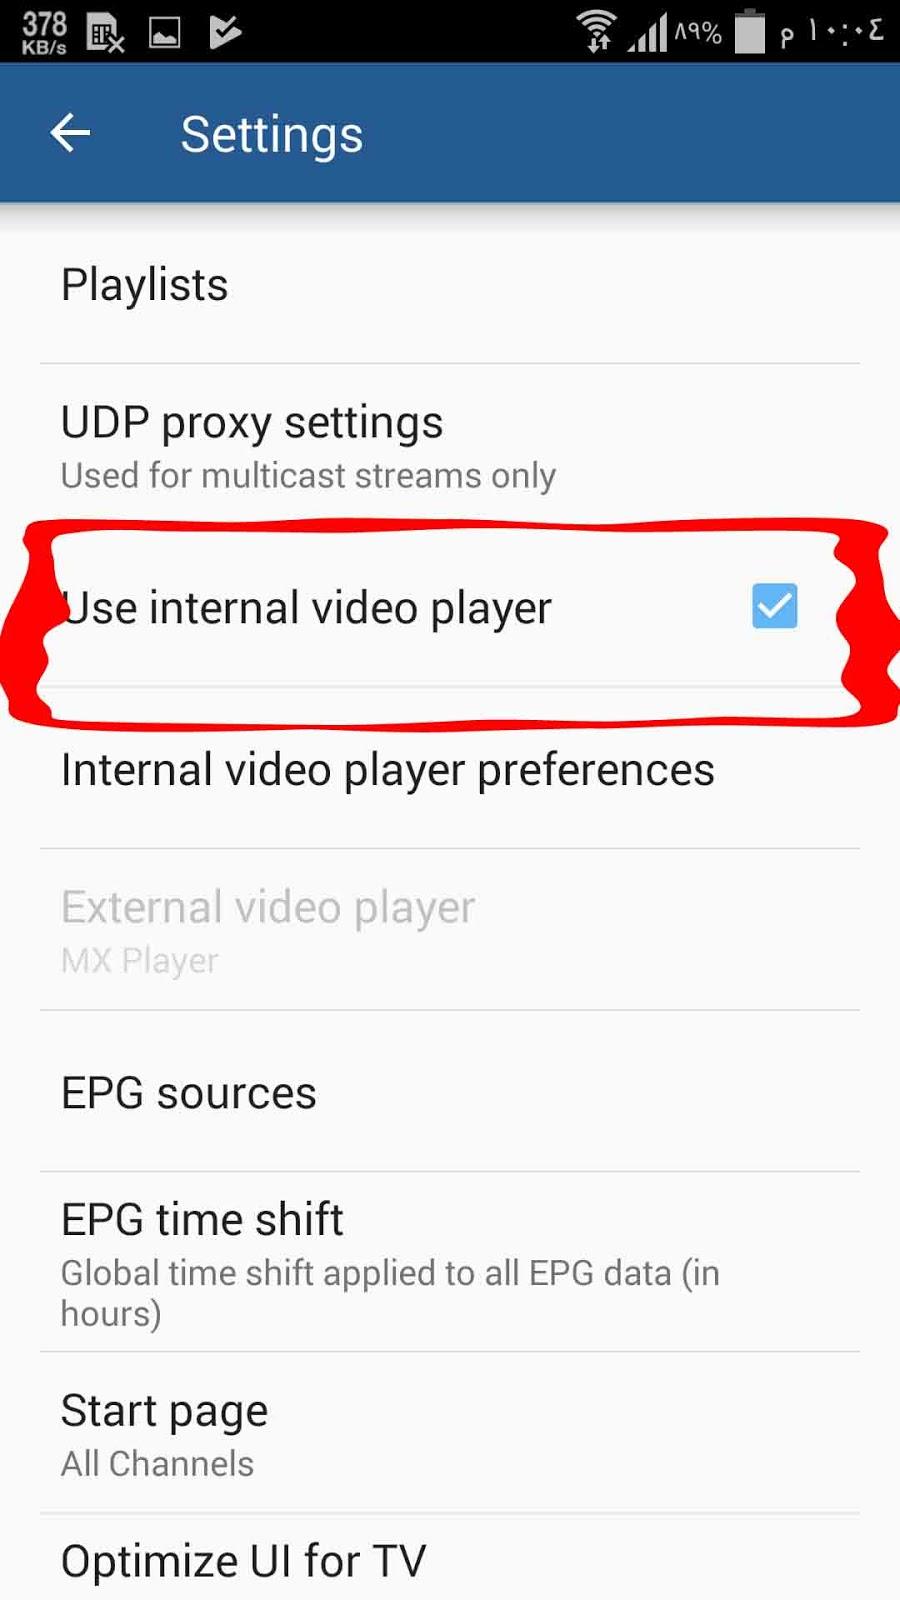 اسهل طريقة لتشغيل ملفات القنوات IPTV علي الاندرويد